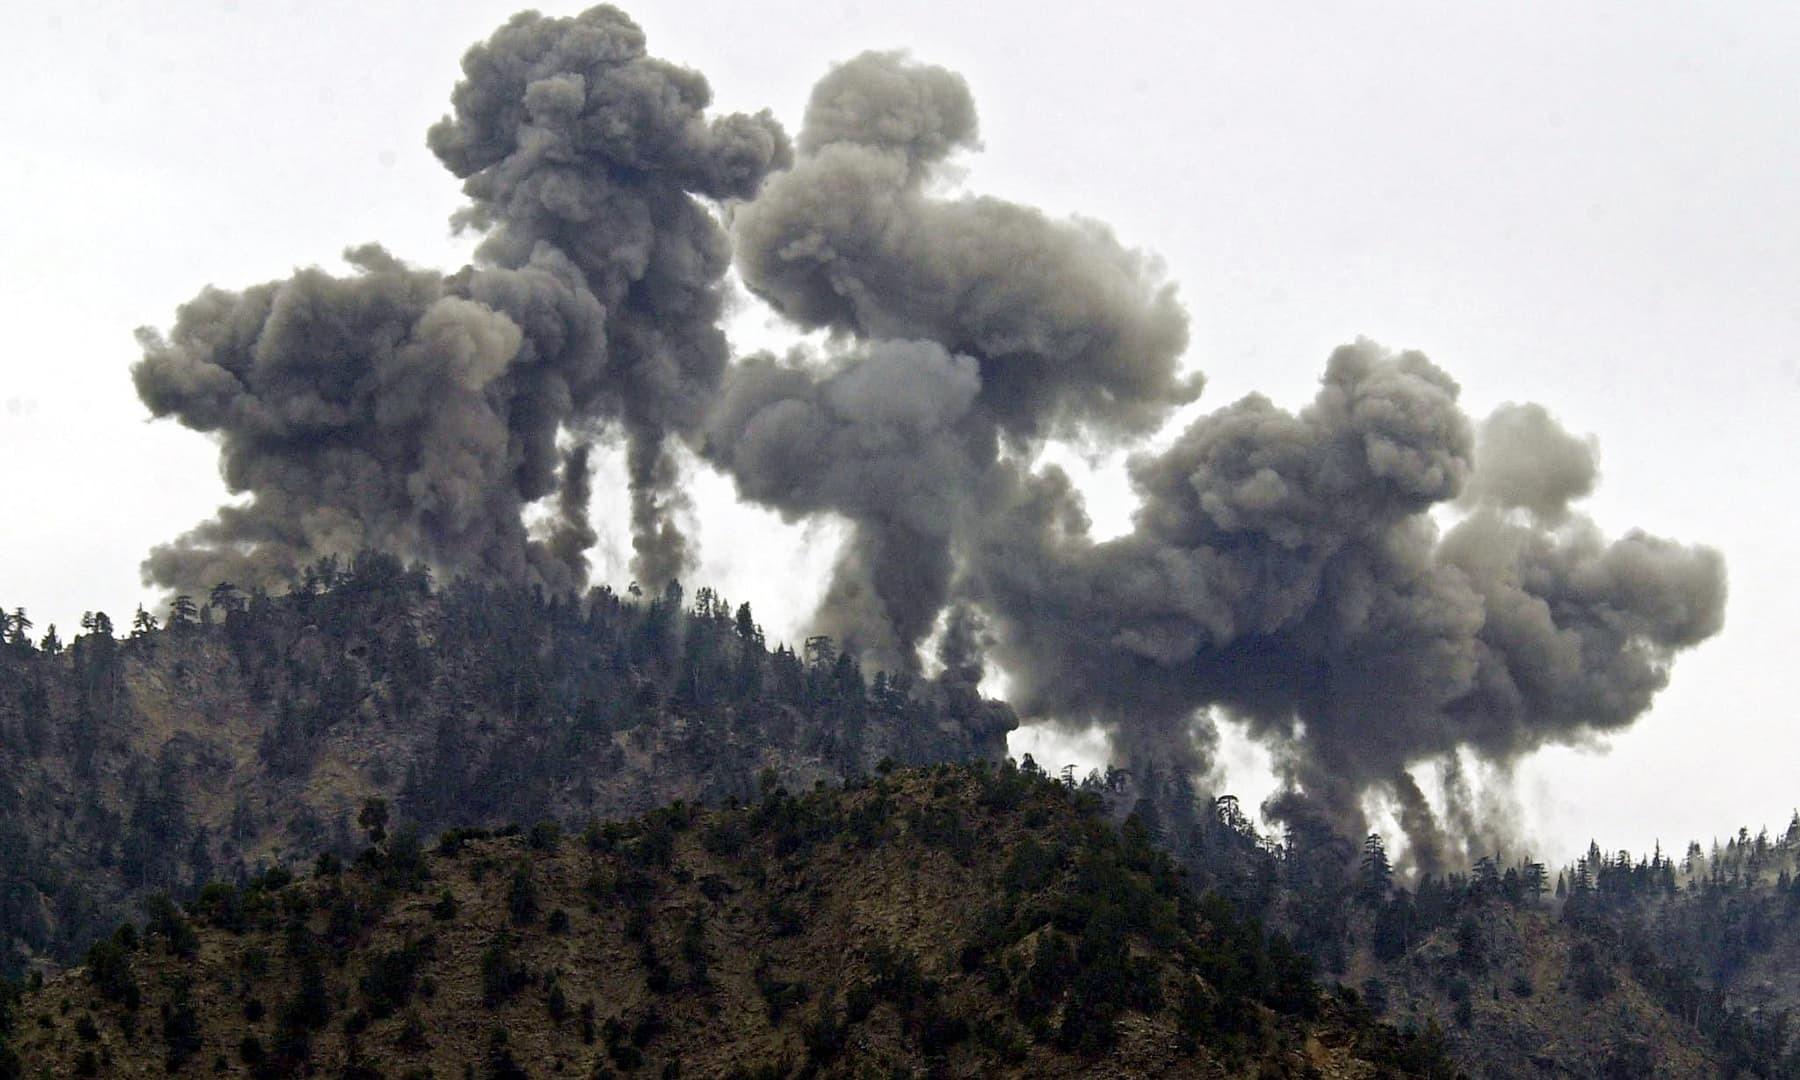 14 دسمبر 2001 کو امریکا نے تورابورا کی پہاڑیوں پر القاعدہ کے خلاف بمباری کی—فائل/فوٹو: اے ایف پی